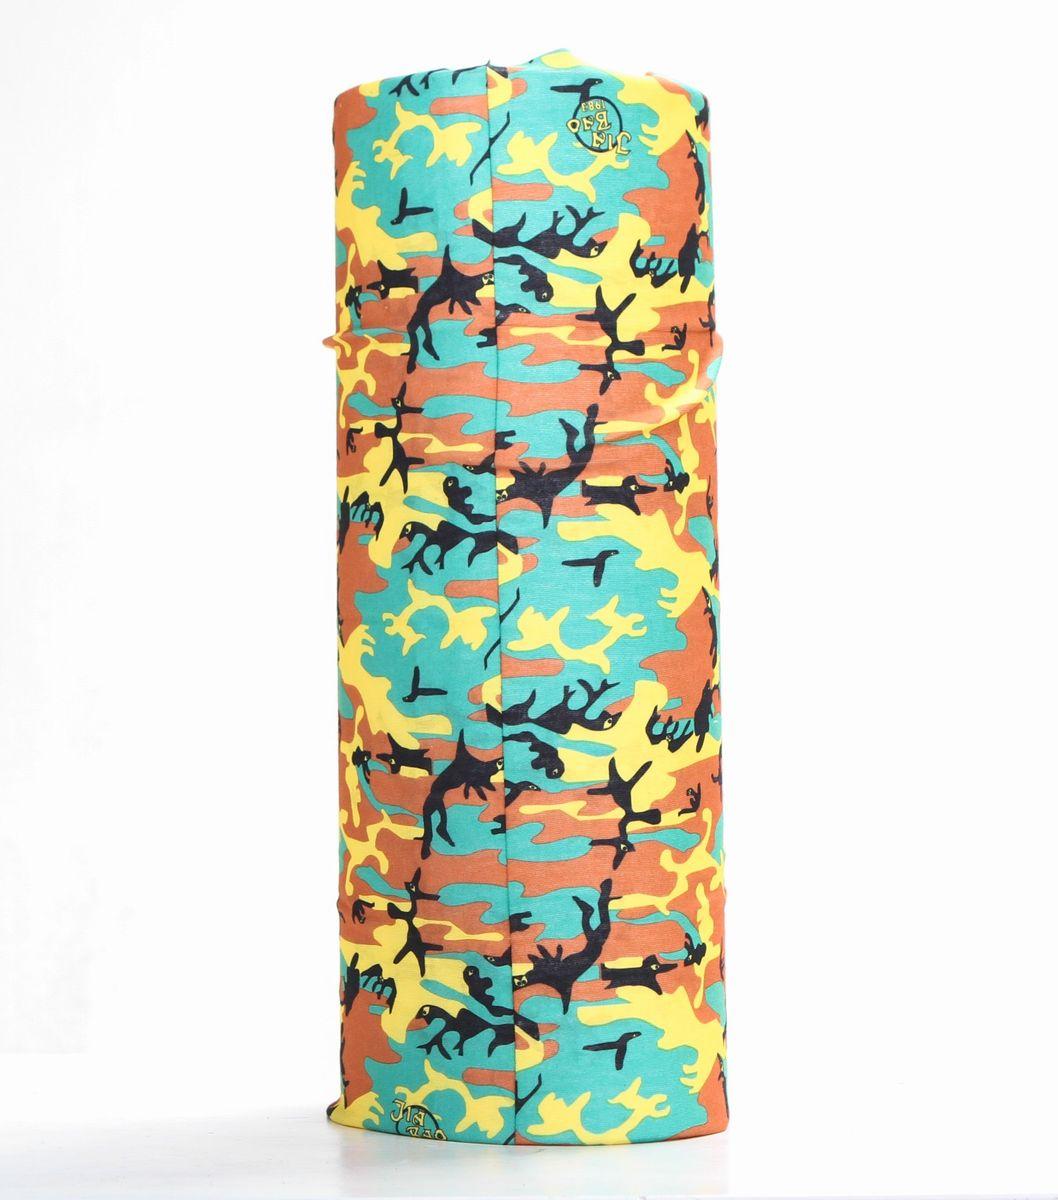 Шарф15-04Мультишарфы можно встретить под разными названиями: мультишарф, мультибандана, платок трансформер, Baff, но вне зависимости от того как Вы назовете этот аксессуар, его уникальные возможности останутся неизменными. Вы с легкостью и удобством можете одеть этот мультишарф на голову и шею 12 различными способами. В сильные морозы, пронизывающий ветер или пыльную бурю - с мультишарфом Вы будуте готовы к любым капризам природы Авторская работа.